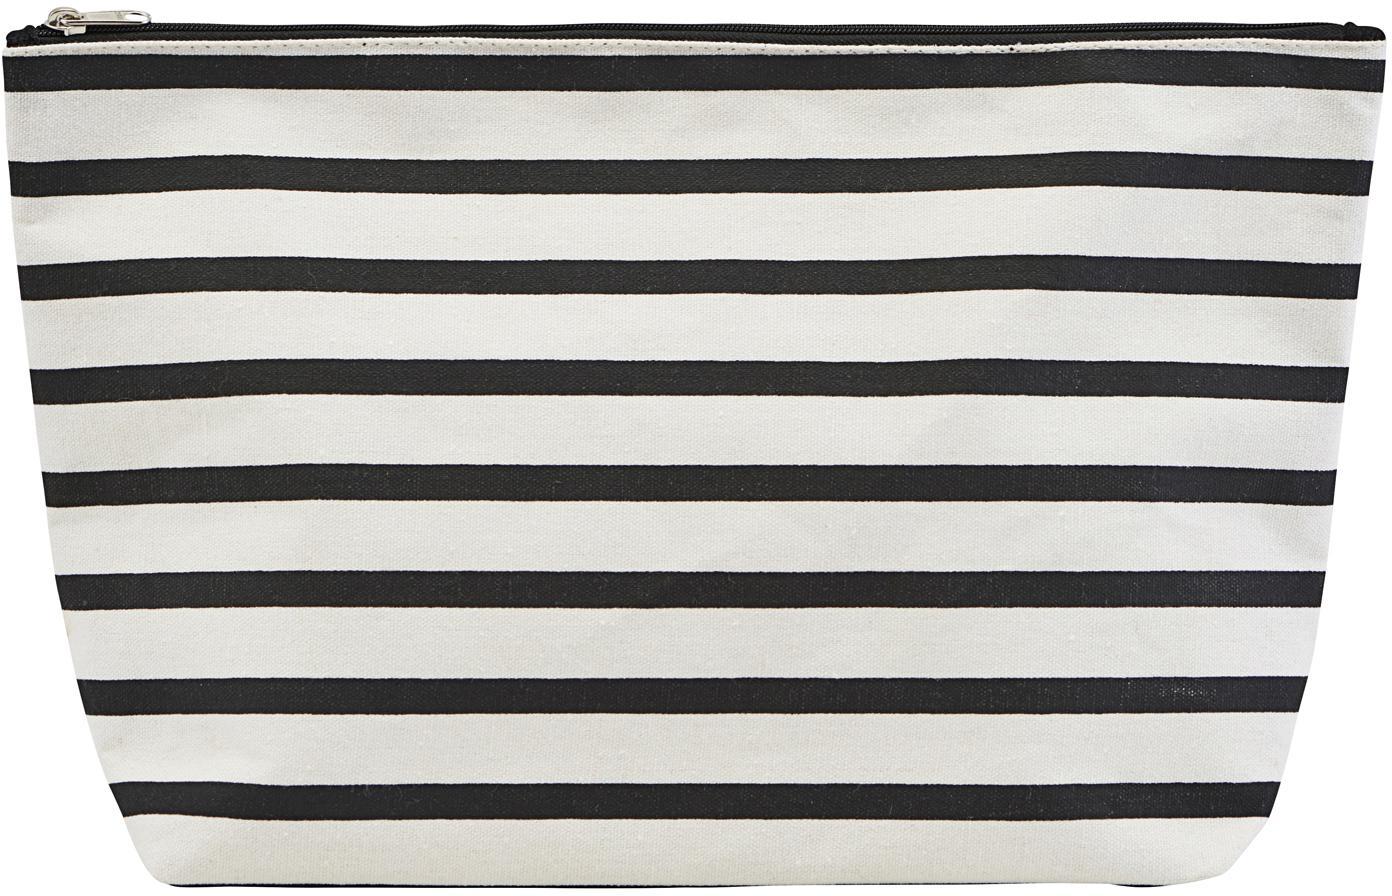 Portatrucchi con cerniera Stripes, 38%cotone, 40%poliestere, 22%rayon, Nero, bianco, Larg. 32 x Alt. 20 cm